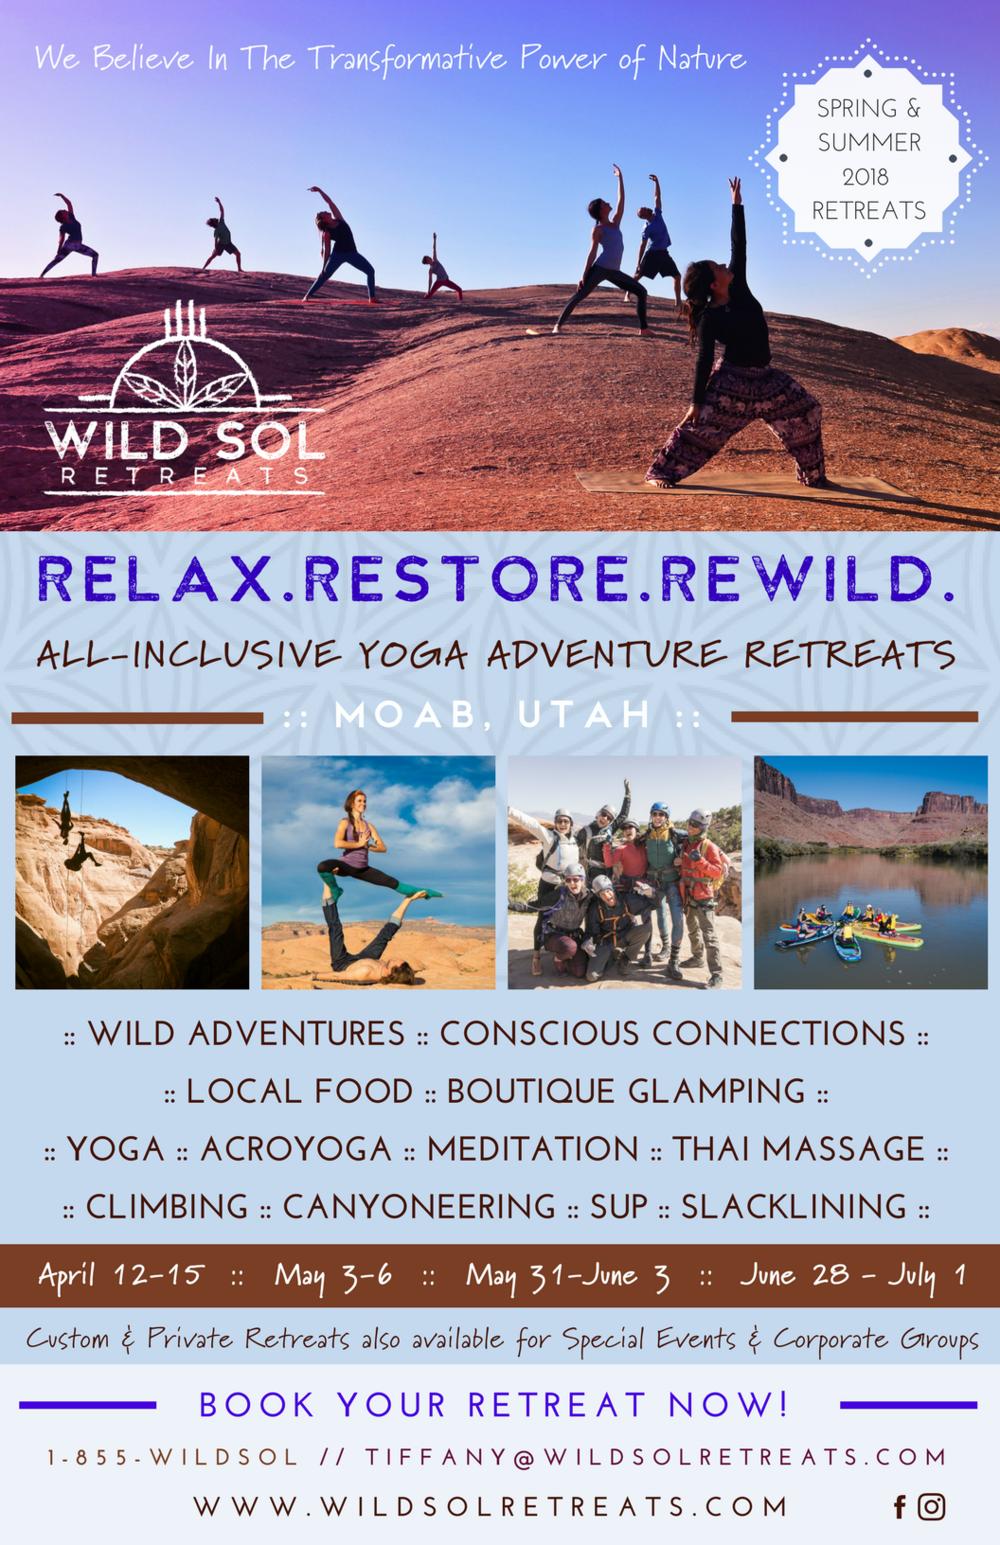 2018 Spring & Summer Retreat Flyer